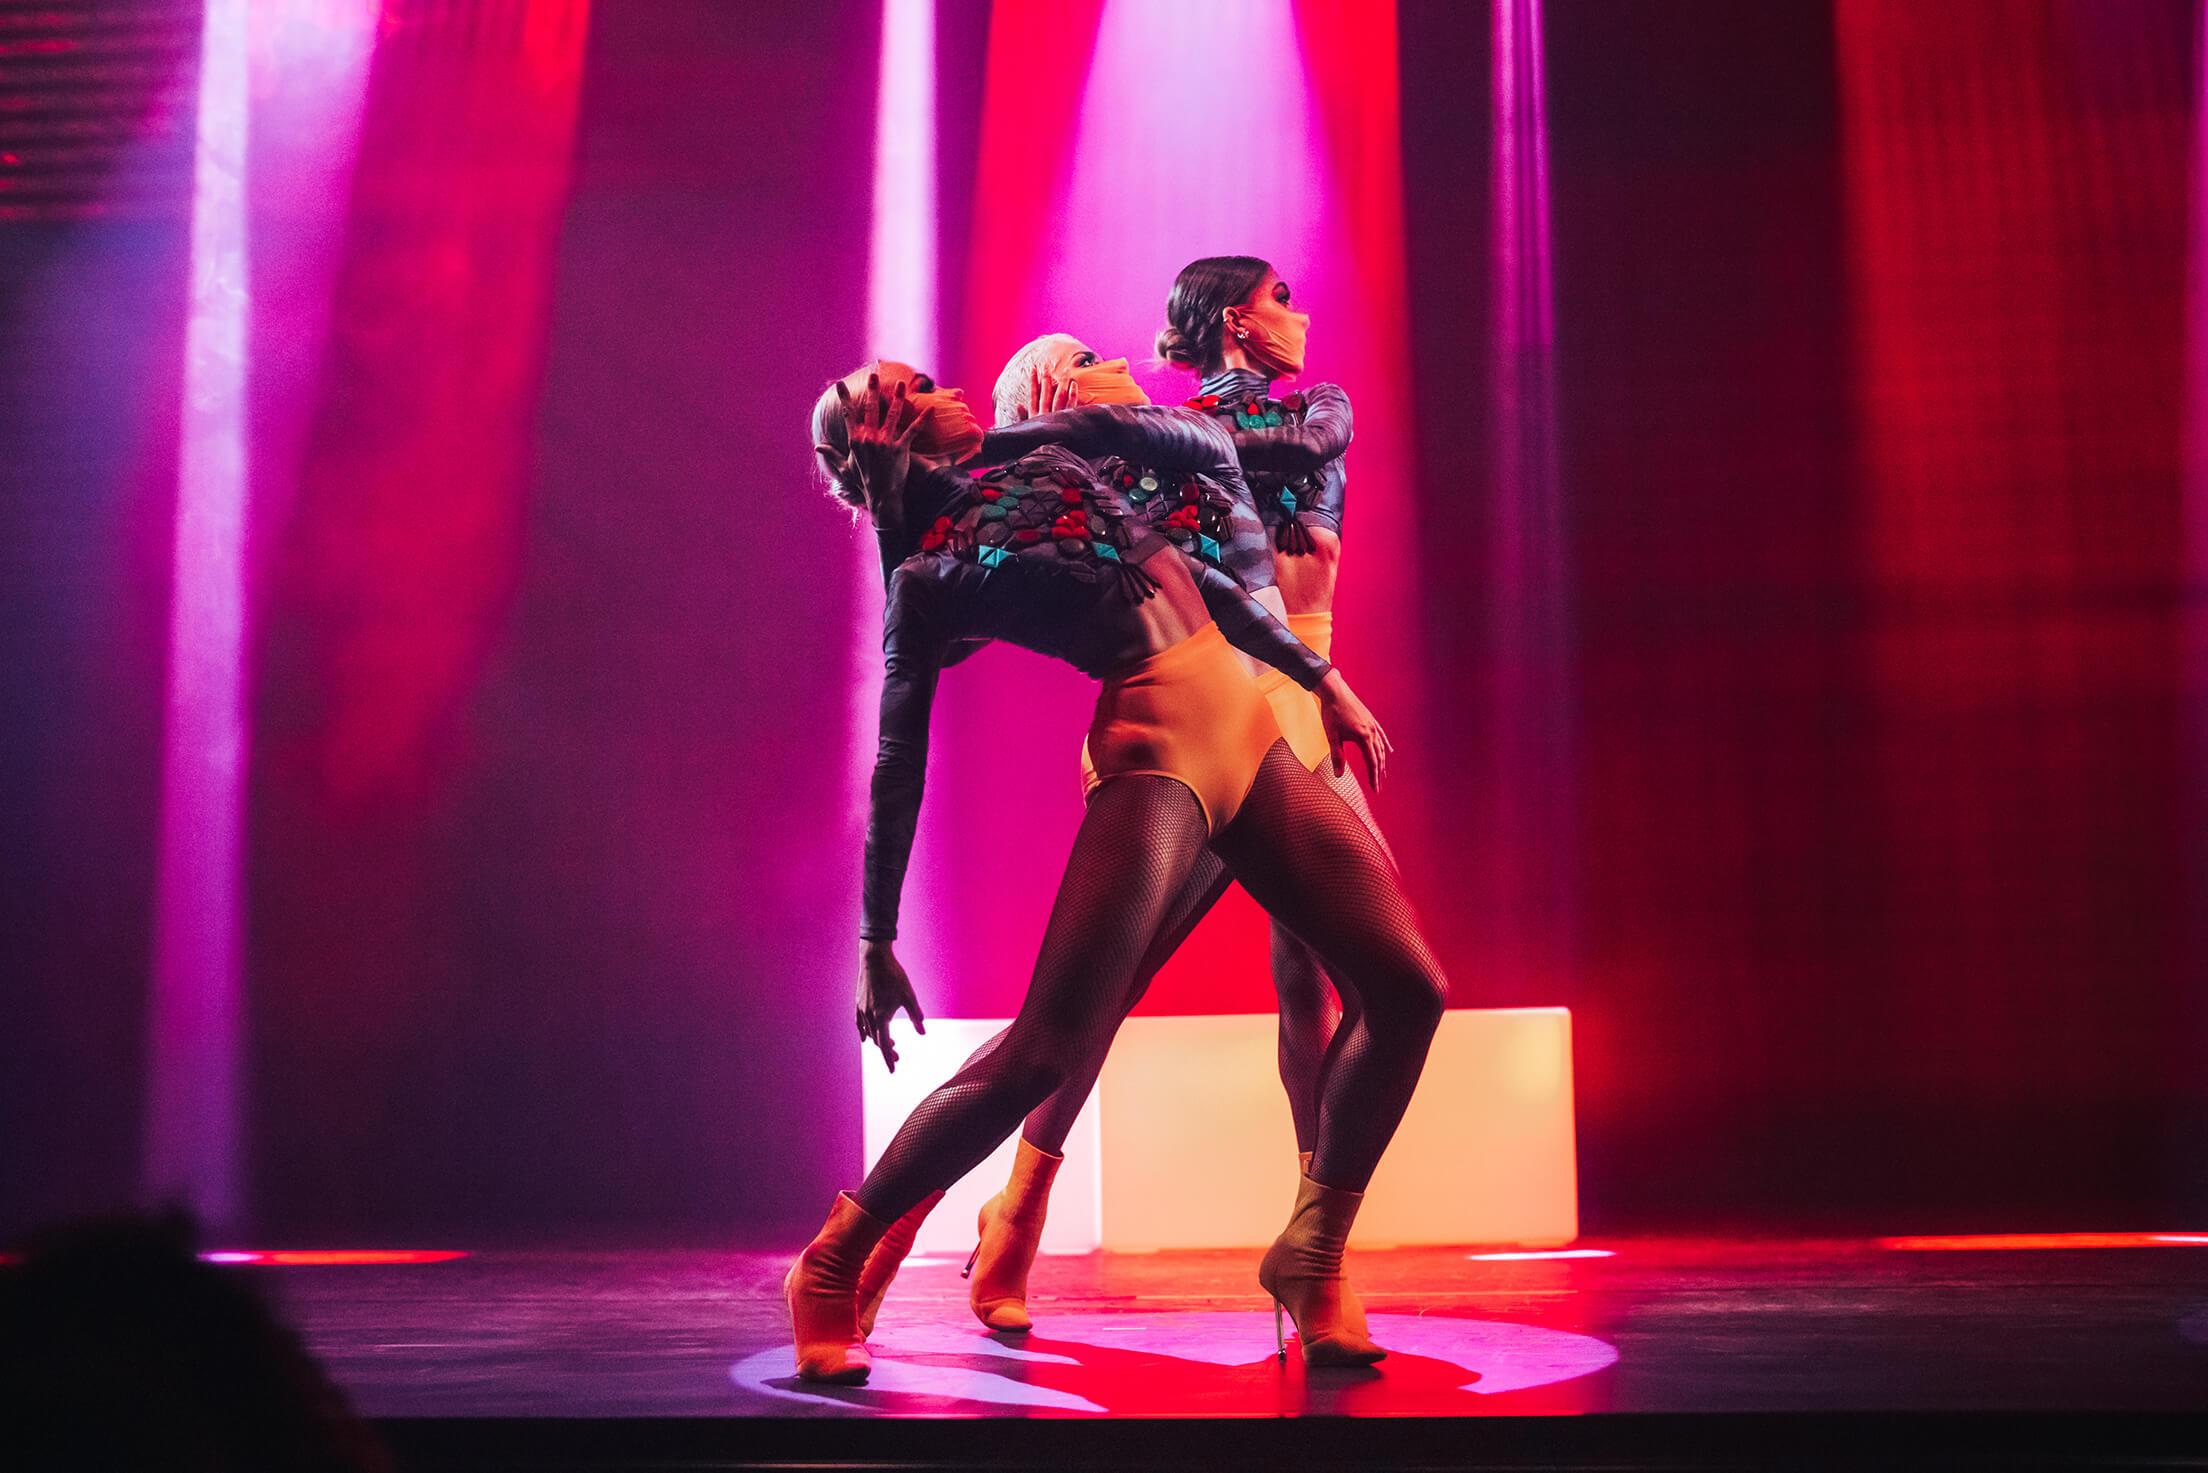 3 dancers performing